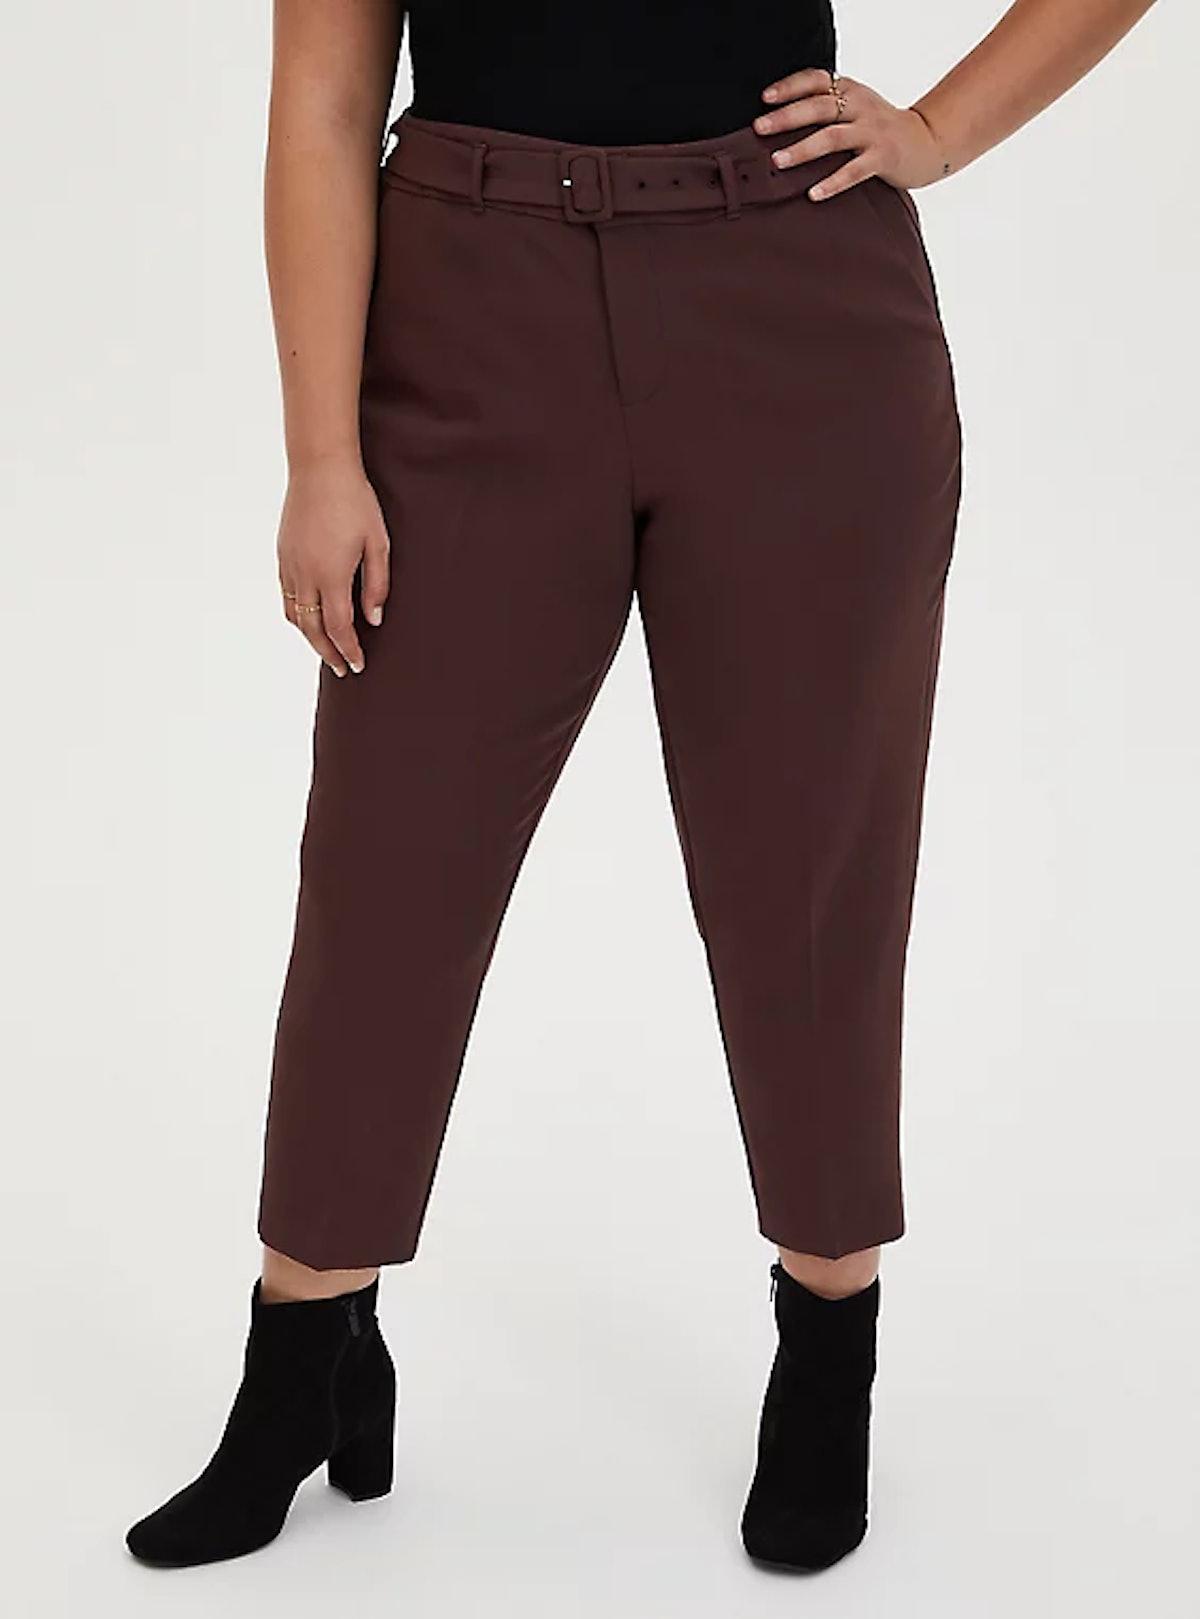 Torrid Rust Brown Belted Trouser